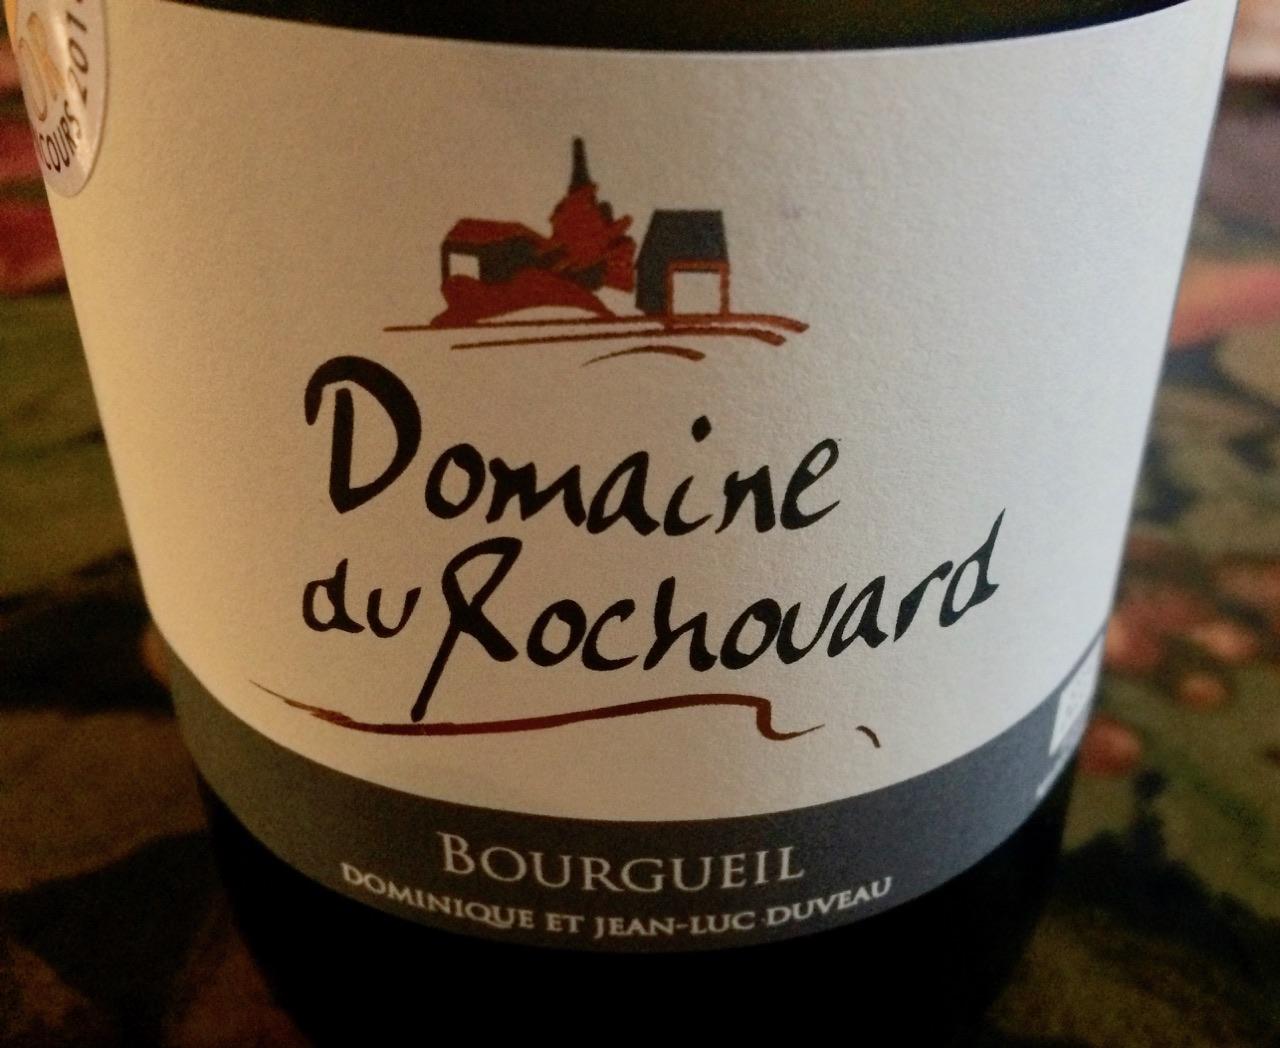 17 Bourg-du Rochouard